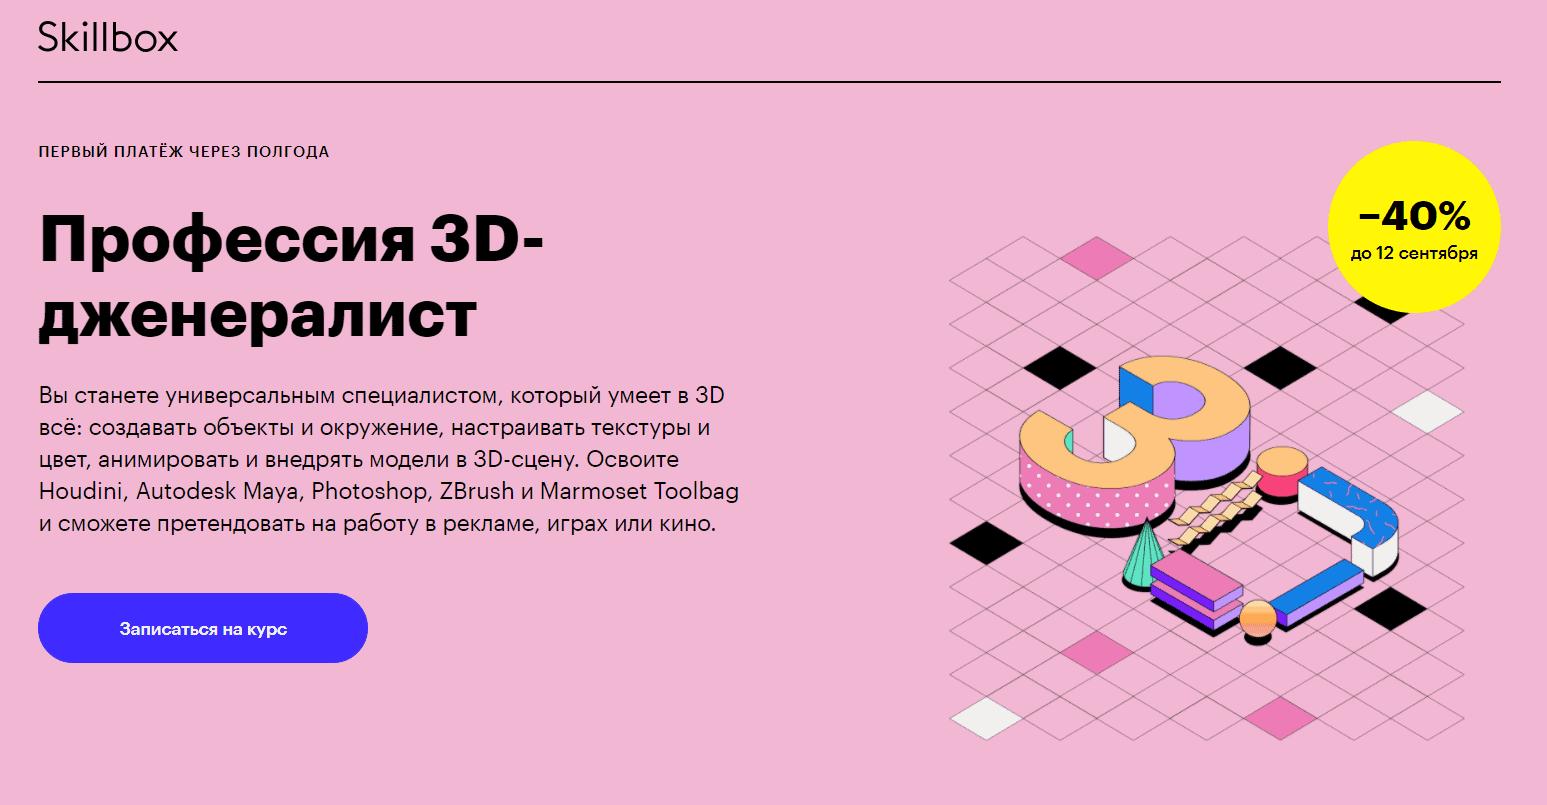 Профессия 3D-дженералист Скиллбокс